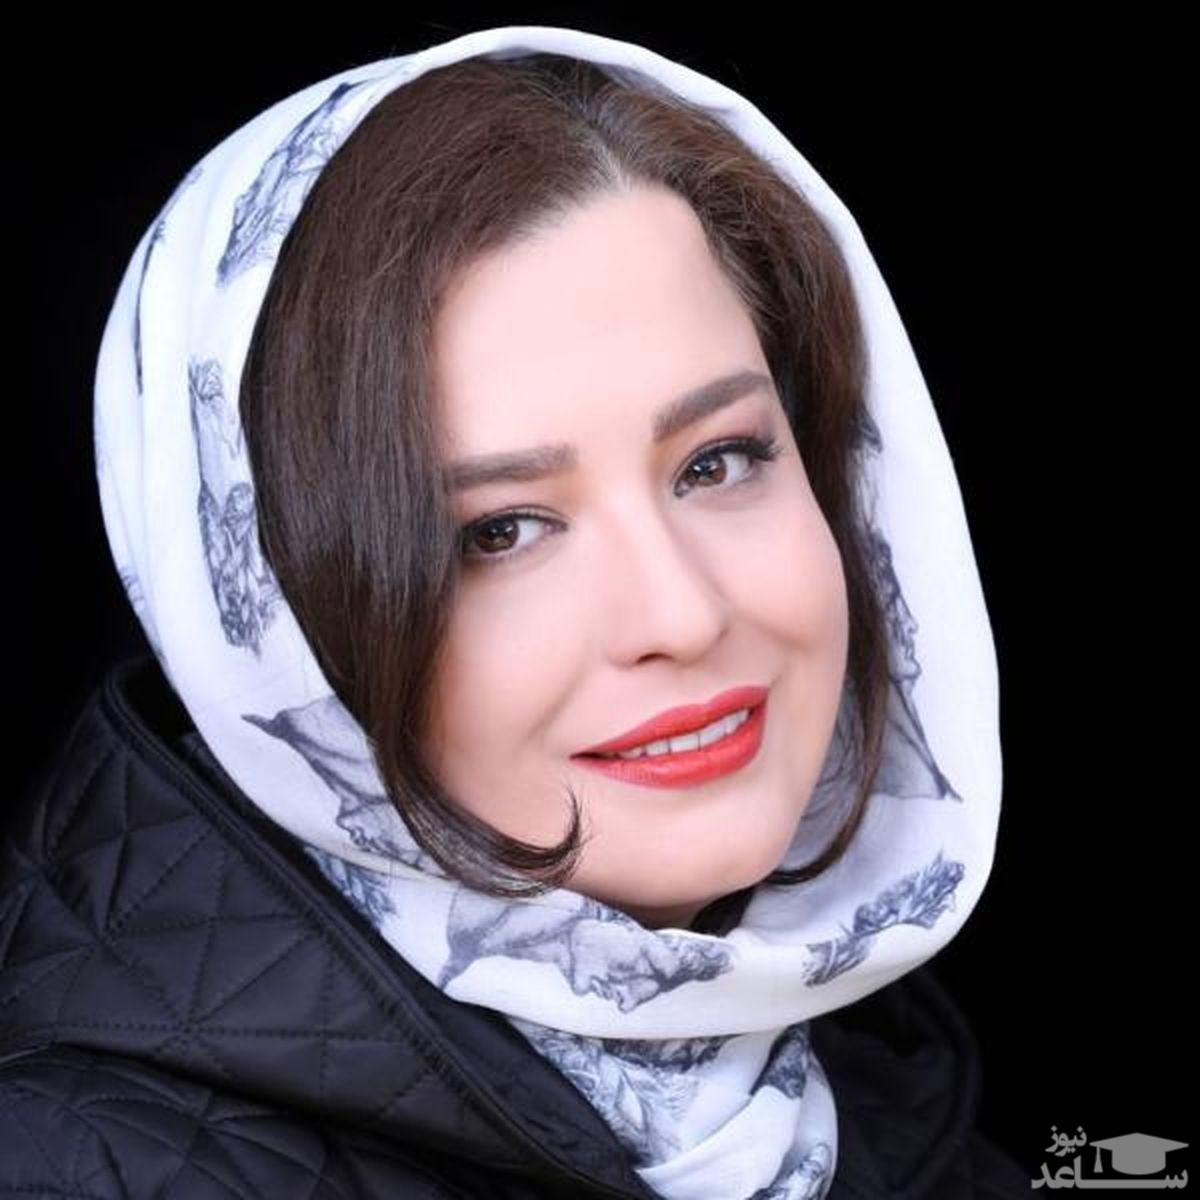 رژیم درمانی مهراوه شریفی نیا